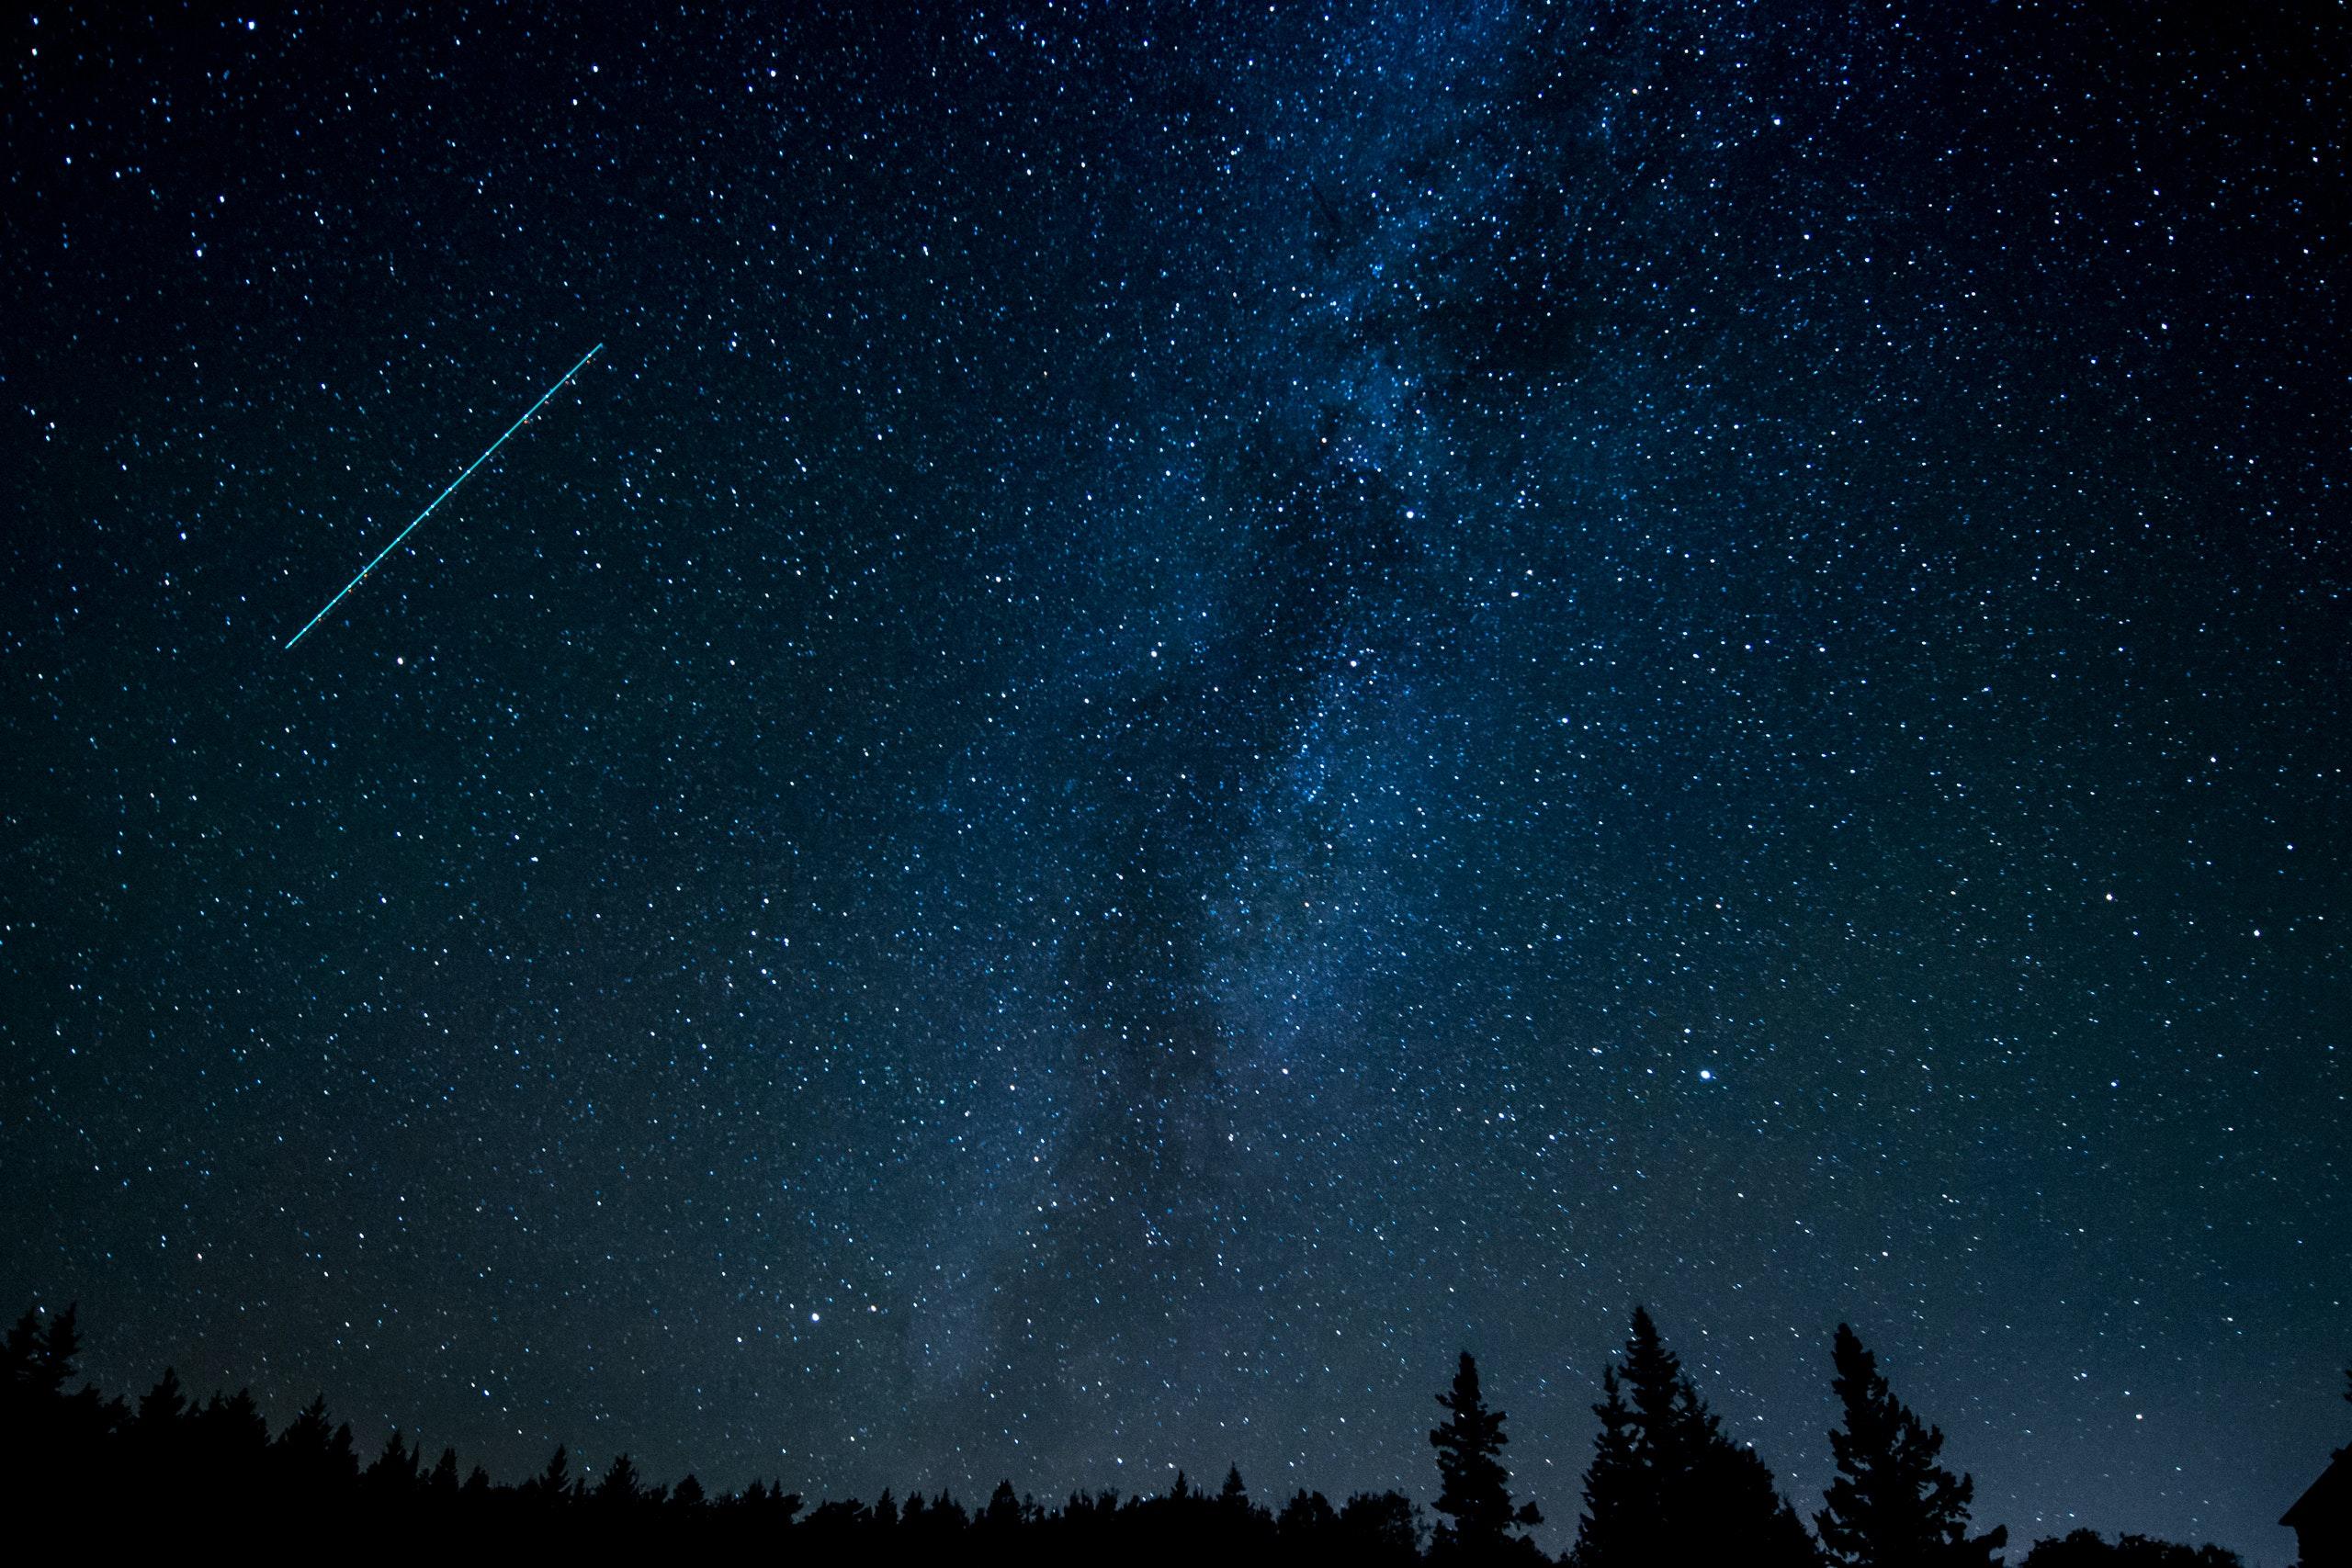 1000 Engaging Night Sky Photos Pexels Free Stock Photos